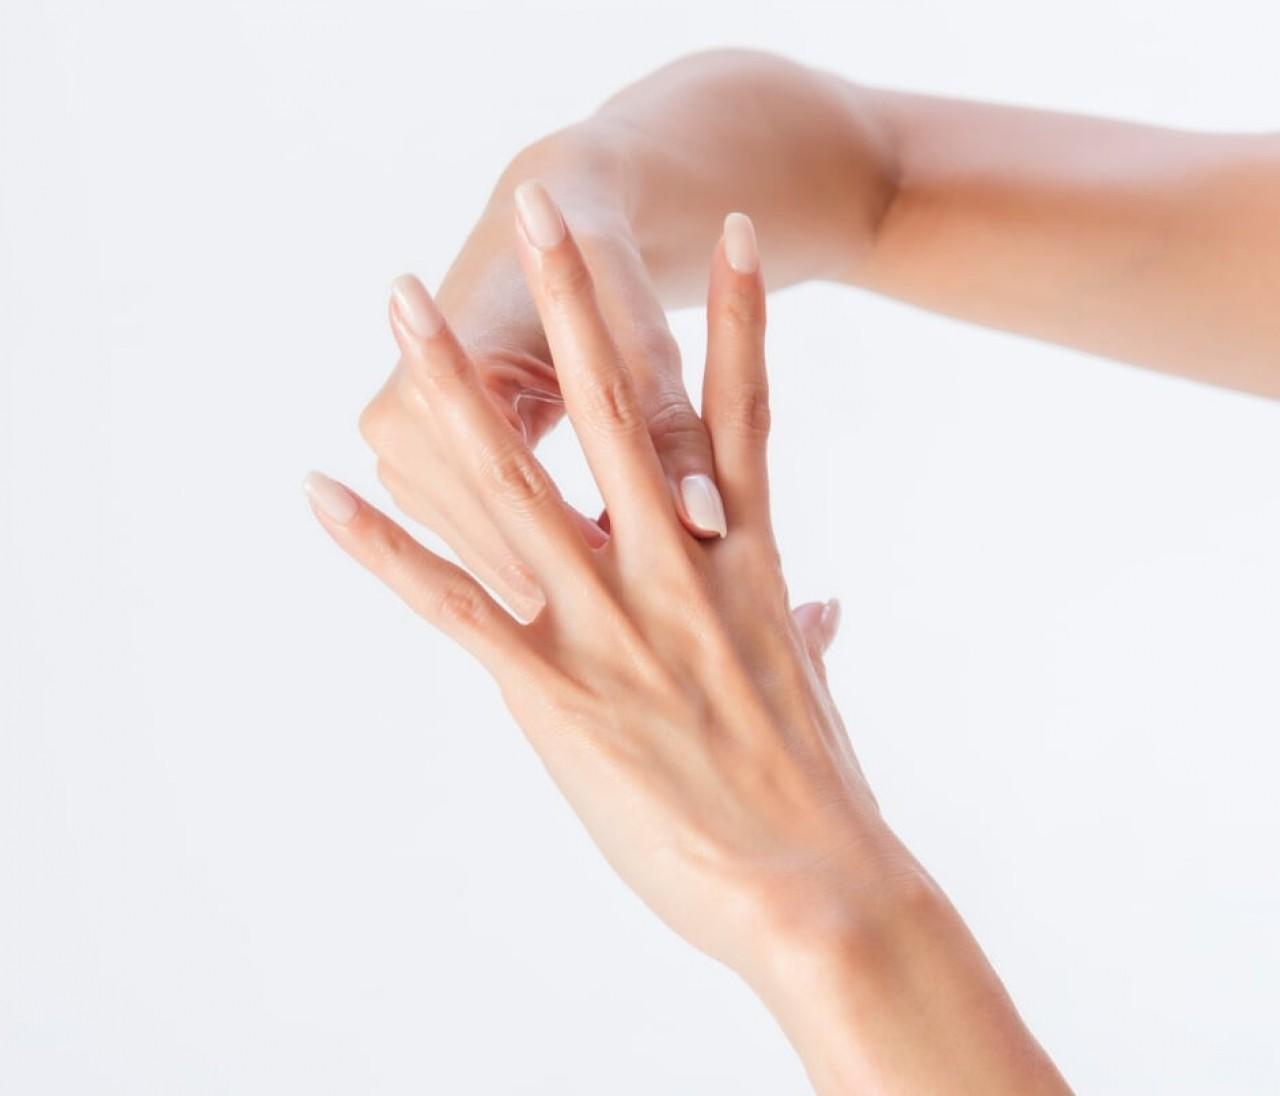 美肌と除菌を両立させる、究極のハンドケア【カリスマパーツモデル・金子エミ式】